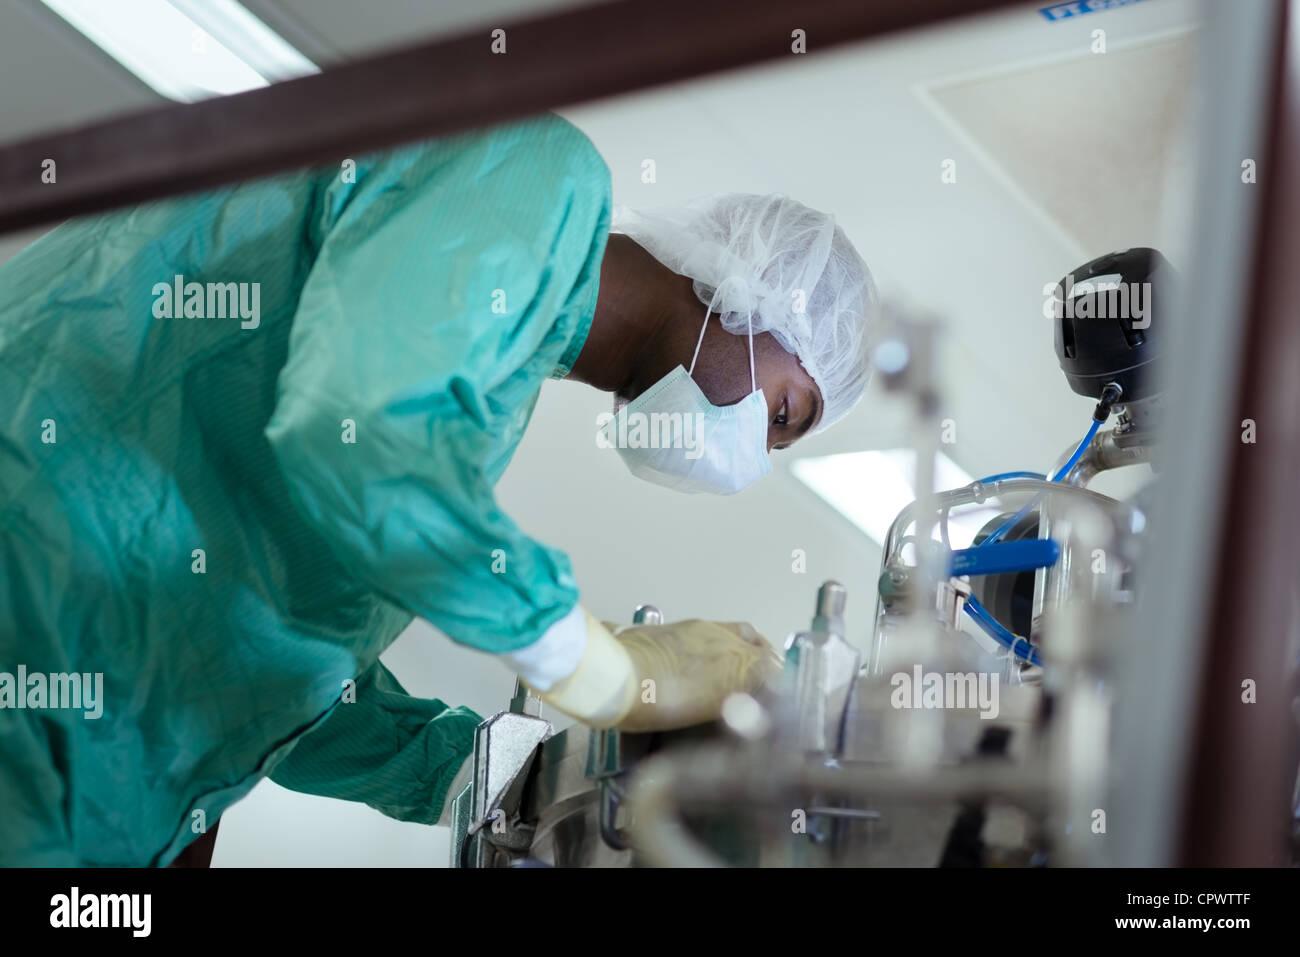 Technicien de laboratoire à travailler comme chercheur dans l'industrie de la biotechnologie, avec des Photo Stock